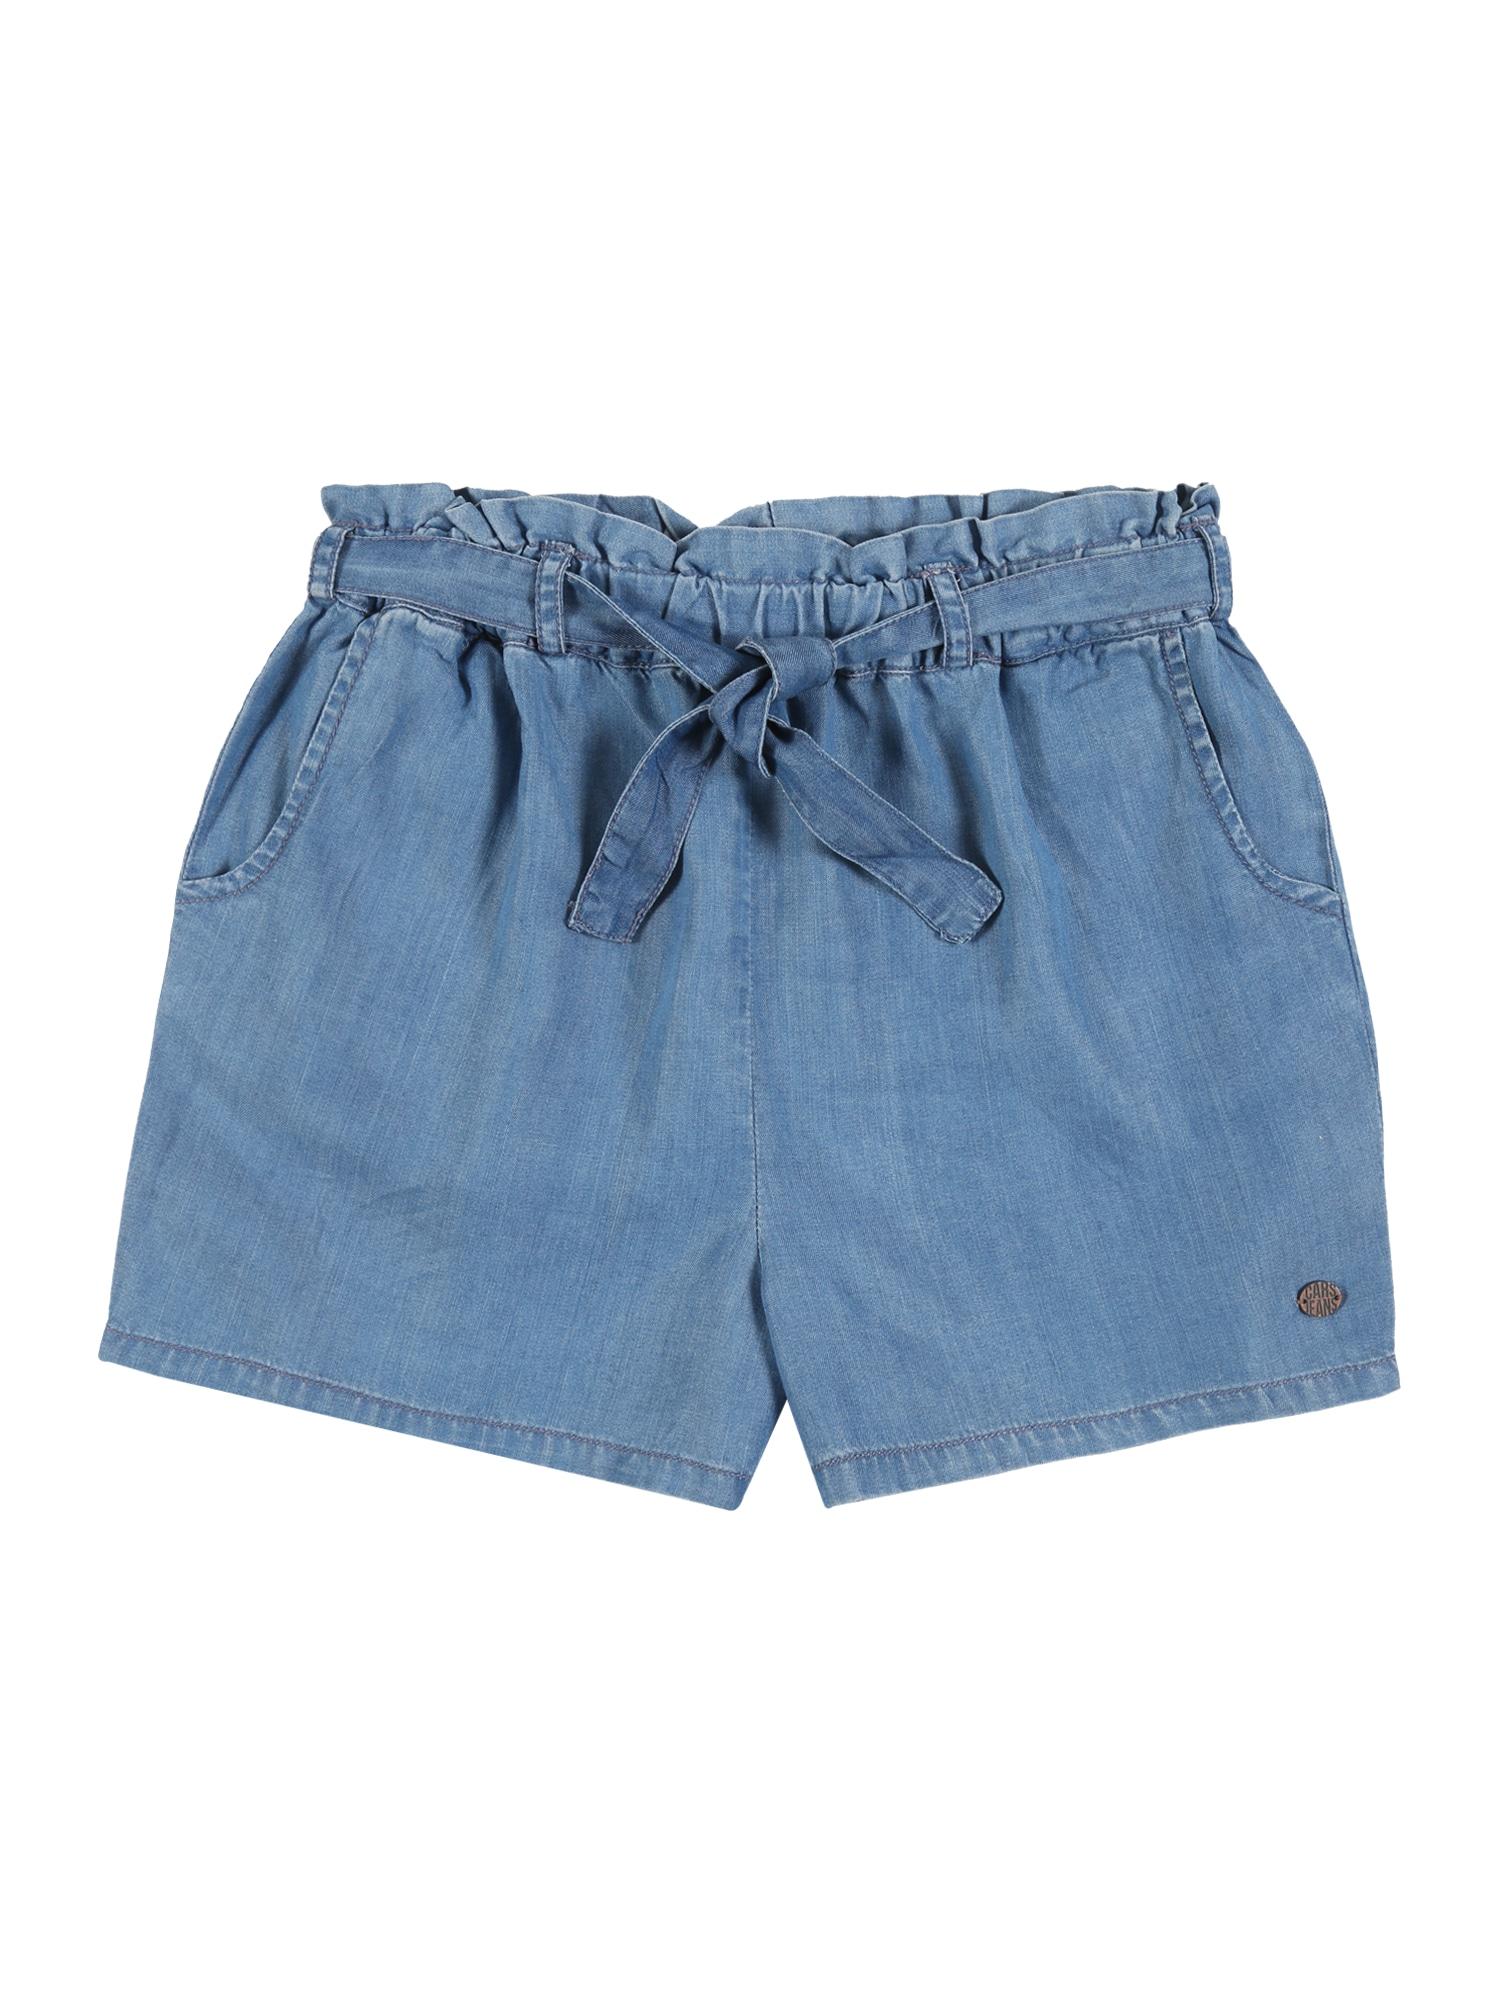 Cars Jeans Kelnės 'BAYA' mėlyna